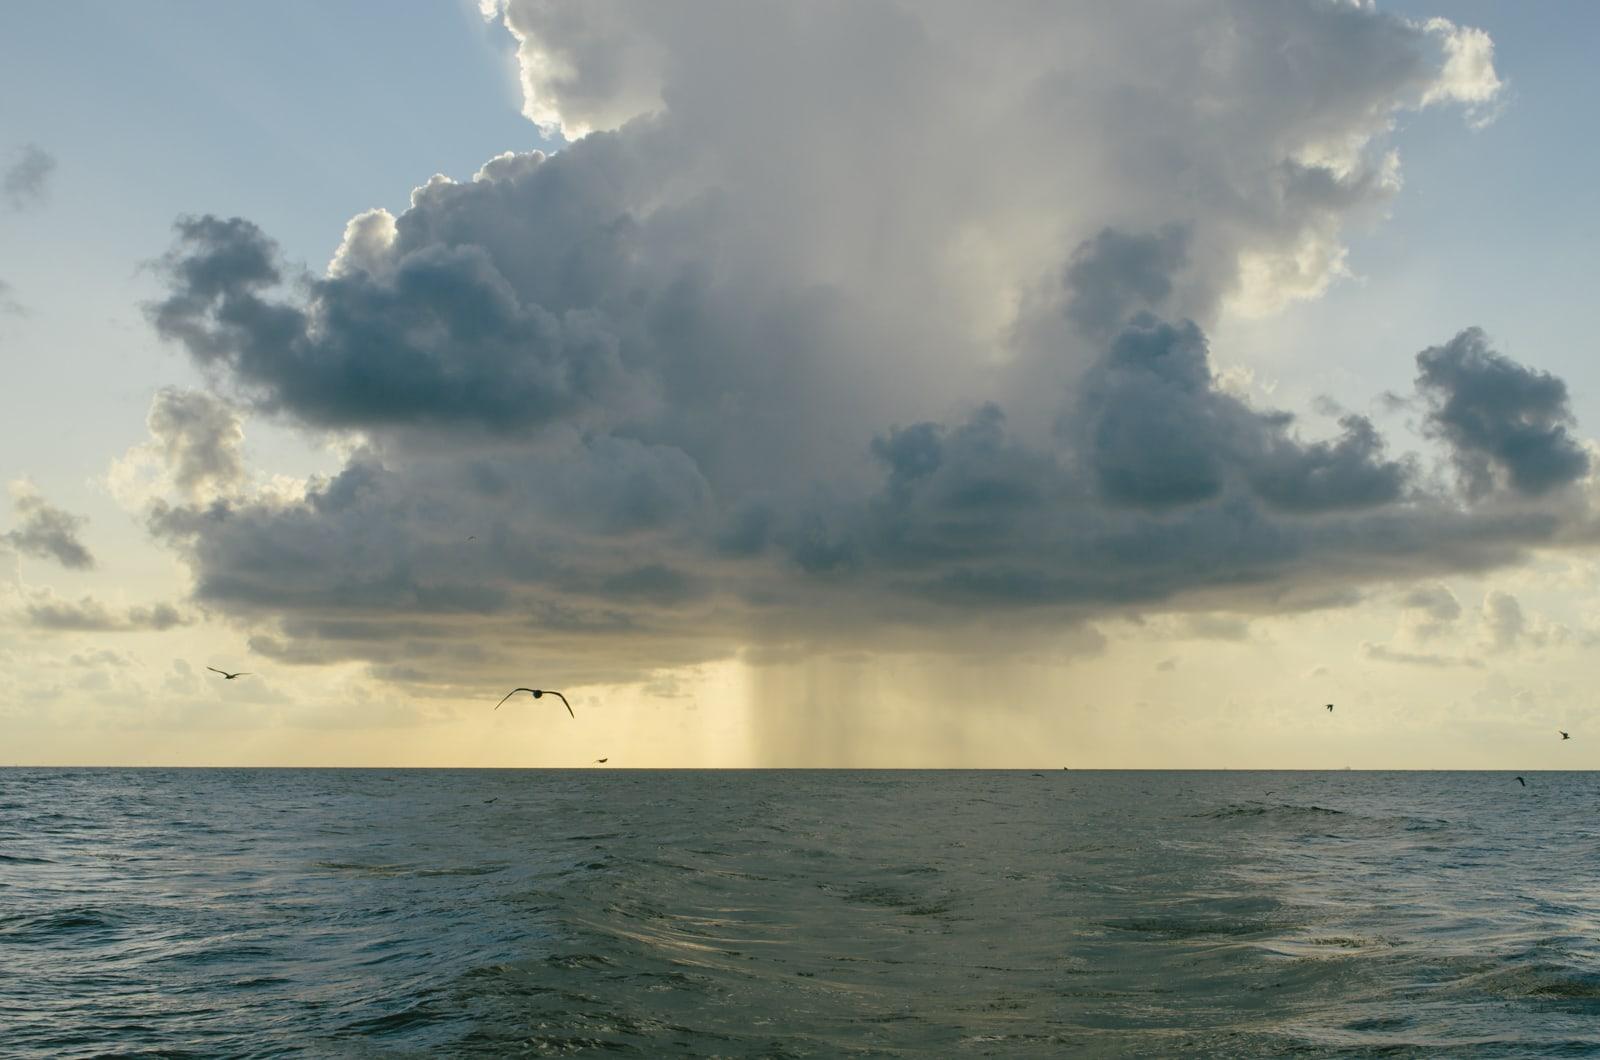 A rain cloud